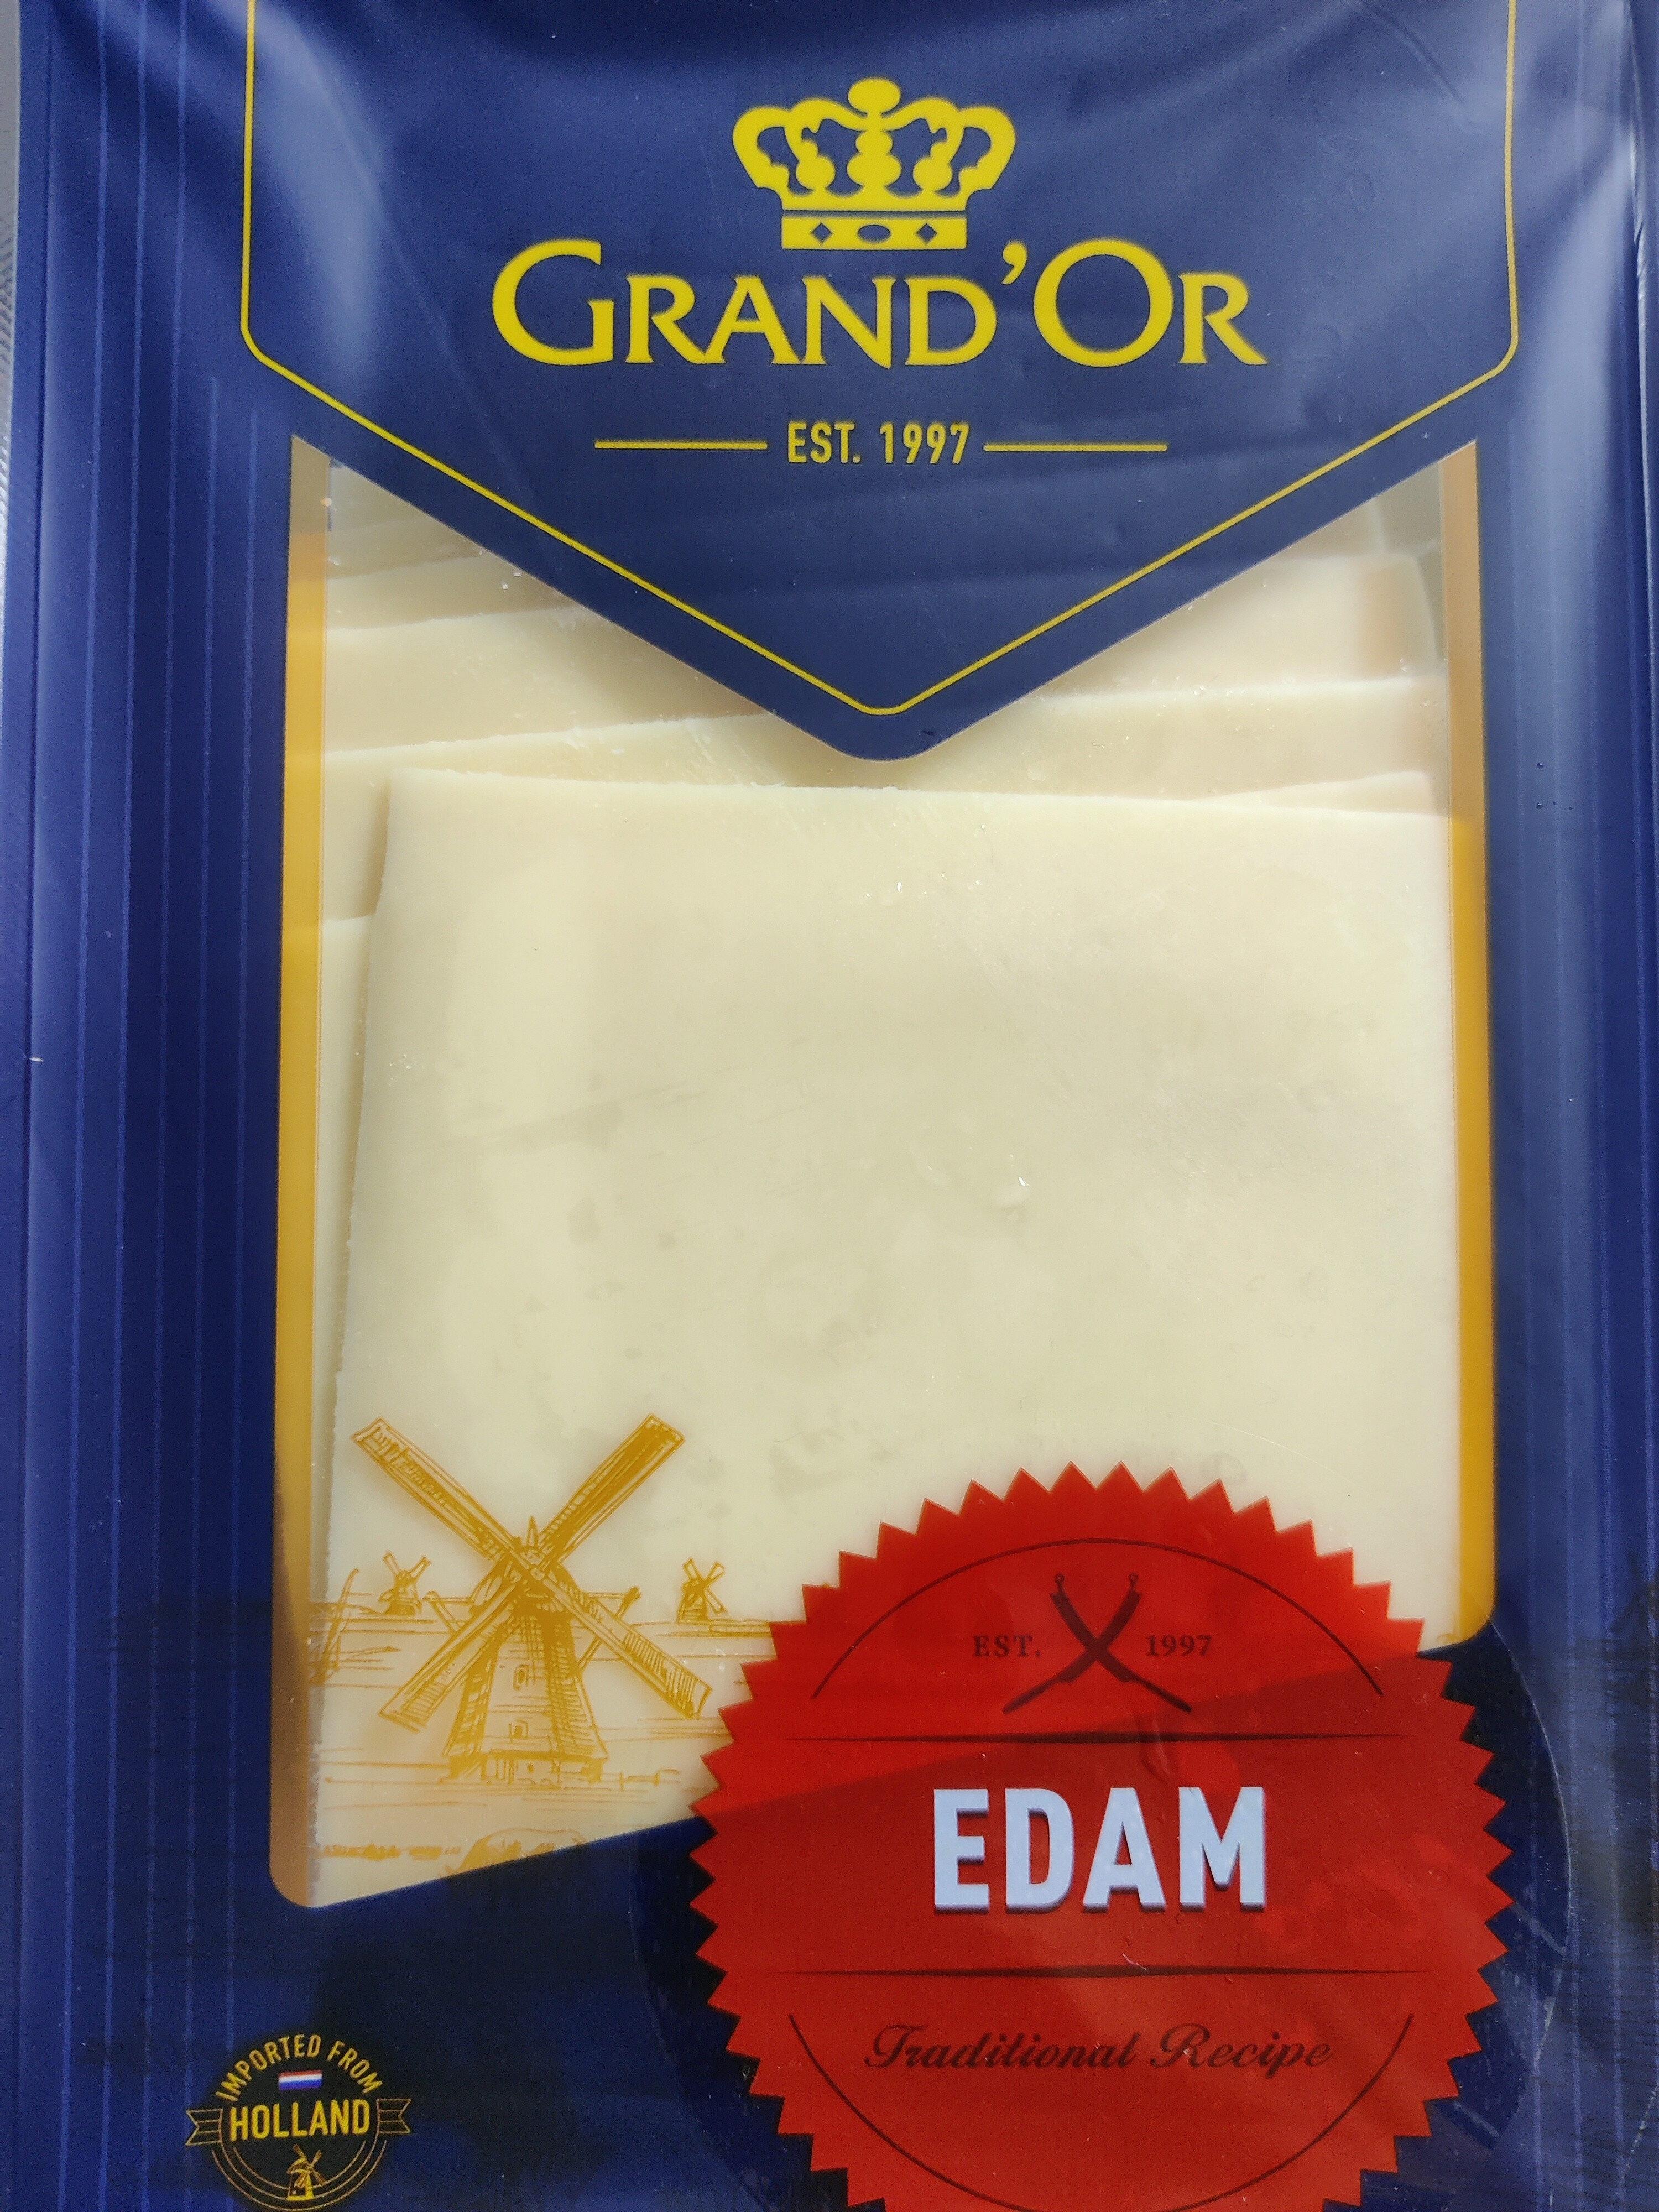 Edam Cheese Sliced - 产品 - en